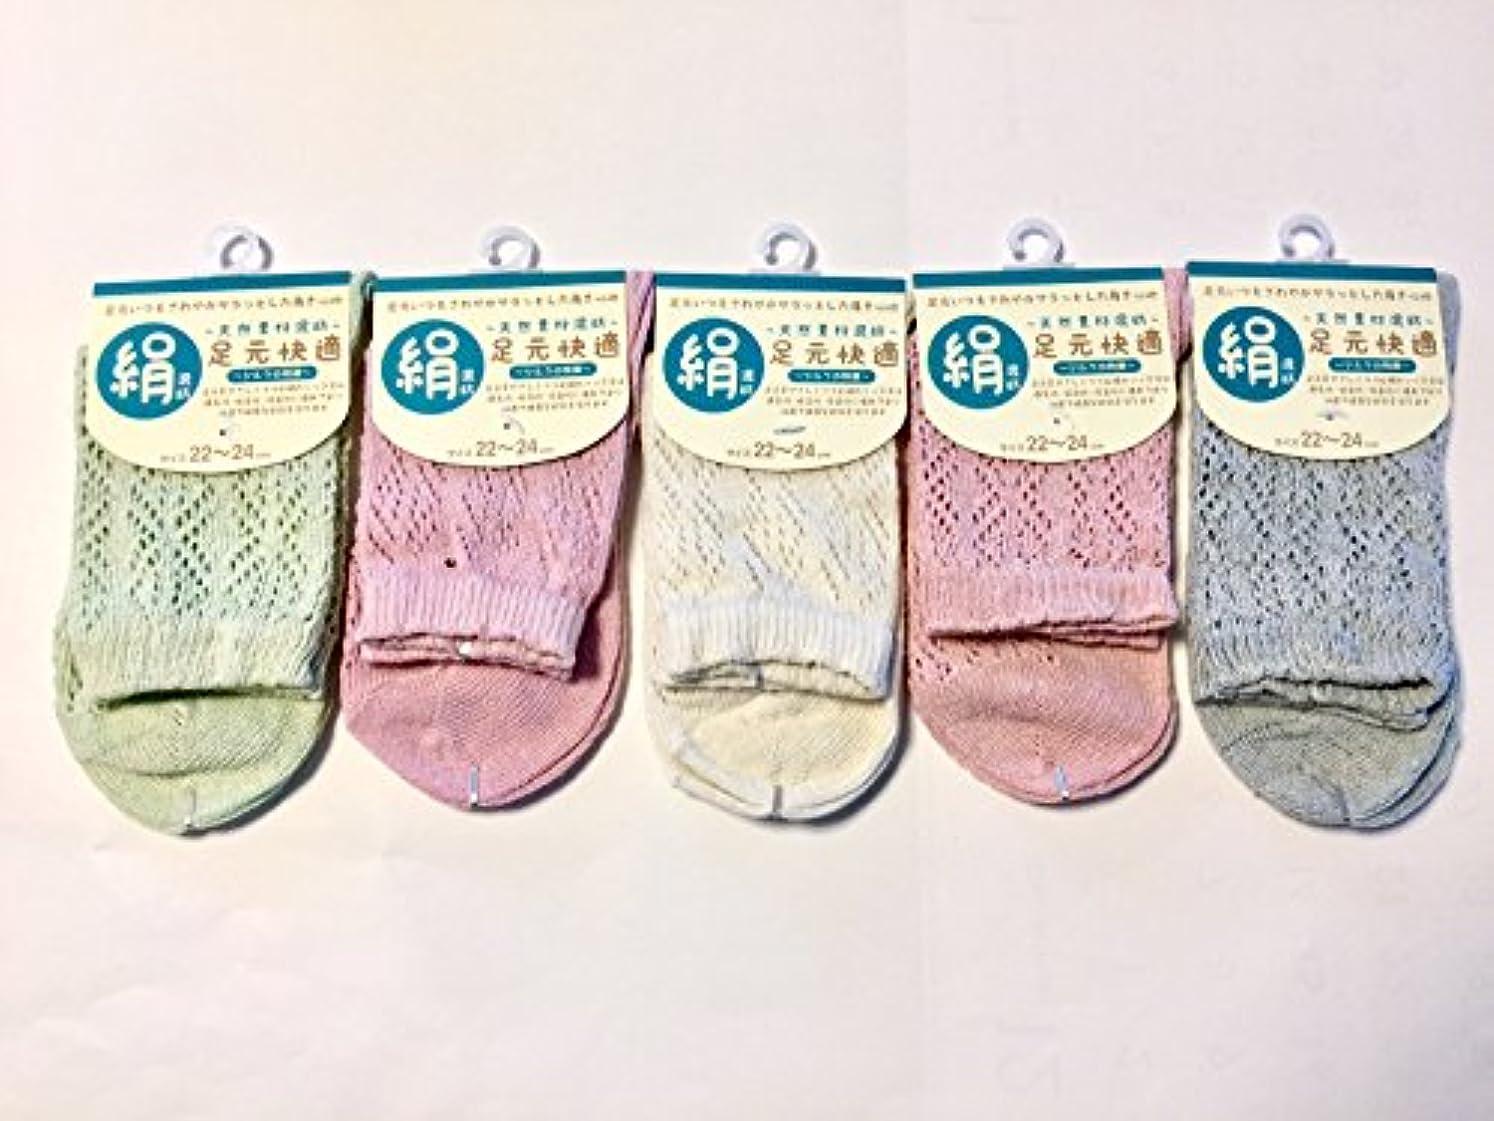 ひどくハロウィンアベニュー靴下 レディース 絹混 涼しいルミーソックス おしゃれ手編み風 5色5足組